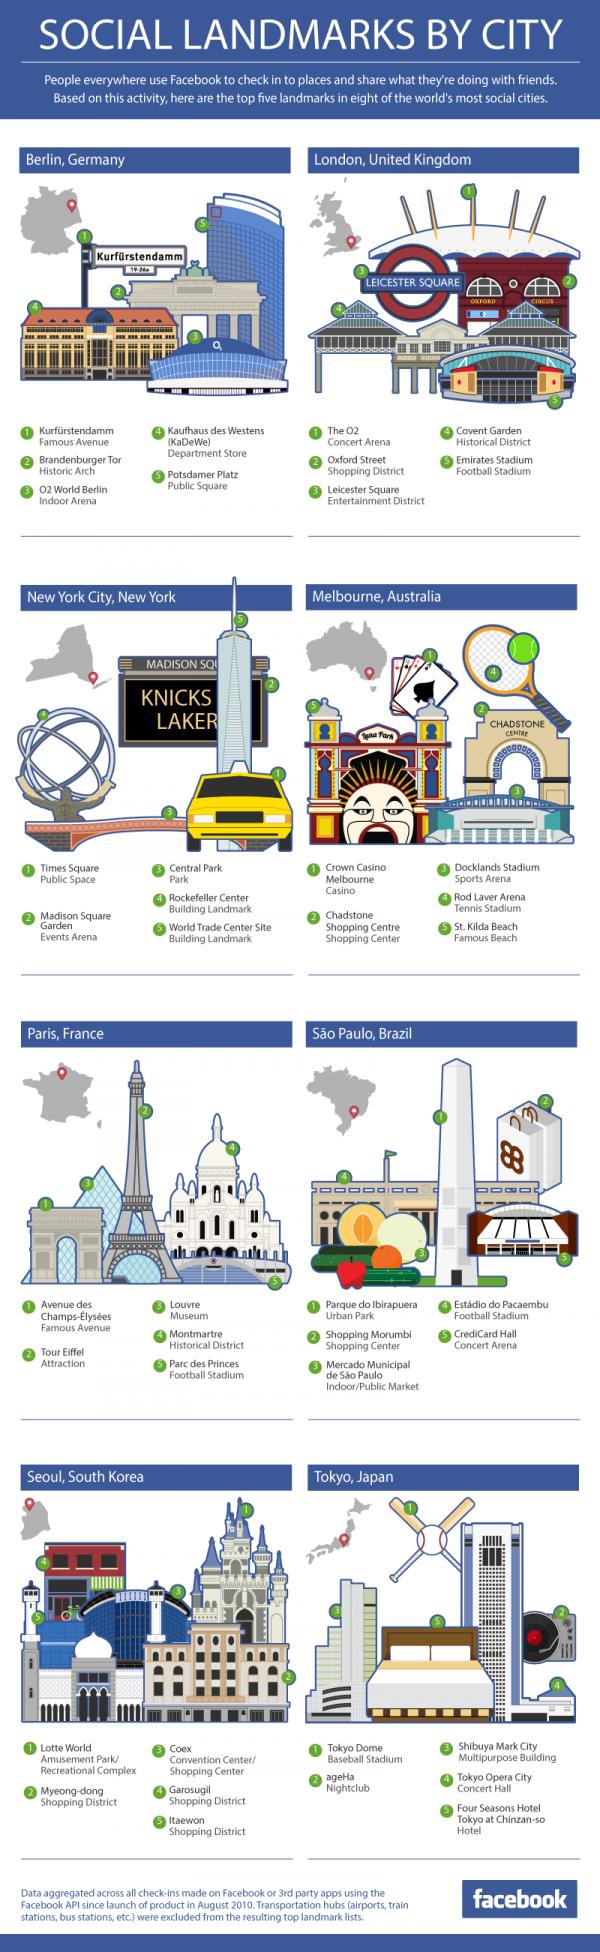 Infografik beliebteste Orte und Wahrzeichen in Städten auf Facebook